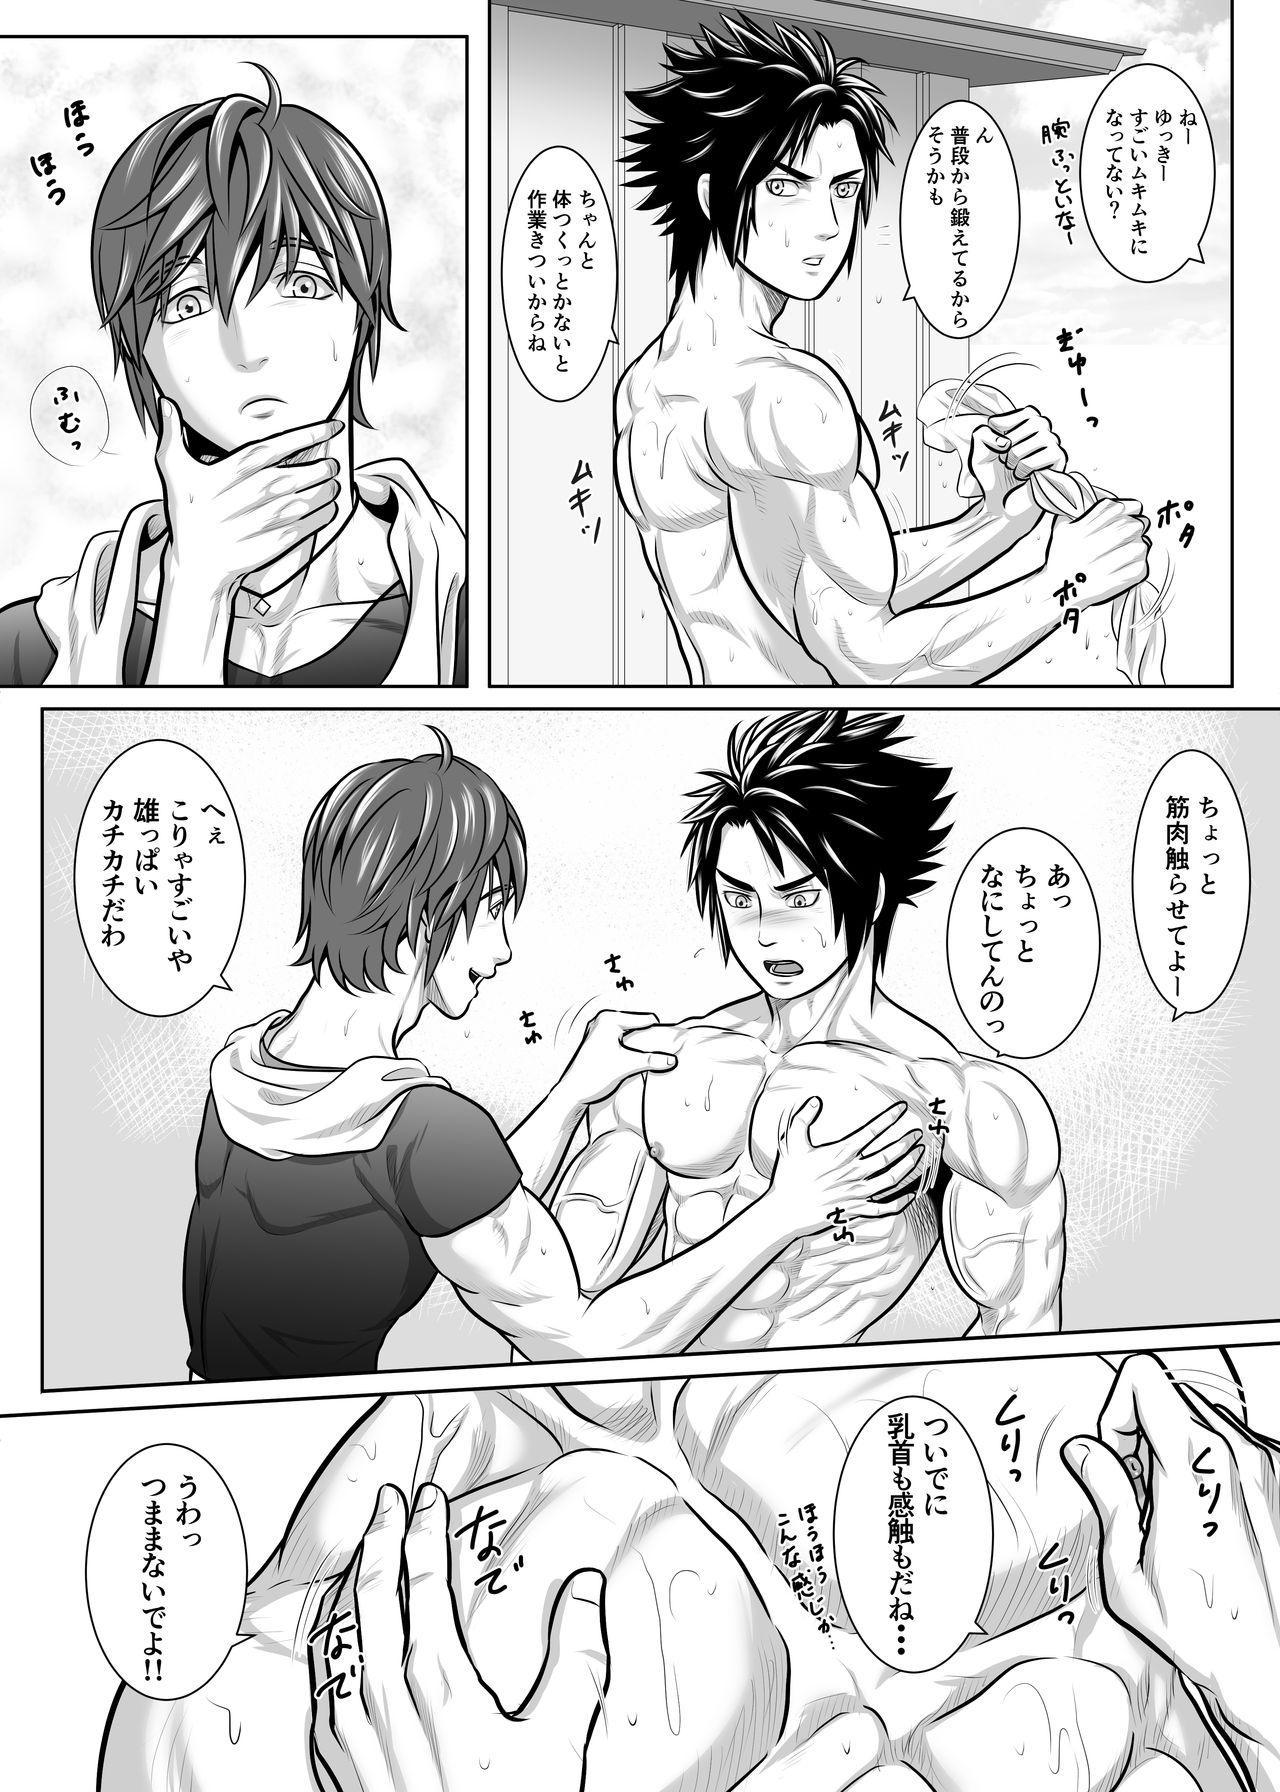 Y + Y = Fuel !! ~Makichichi Hen of summer~ 7